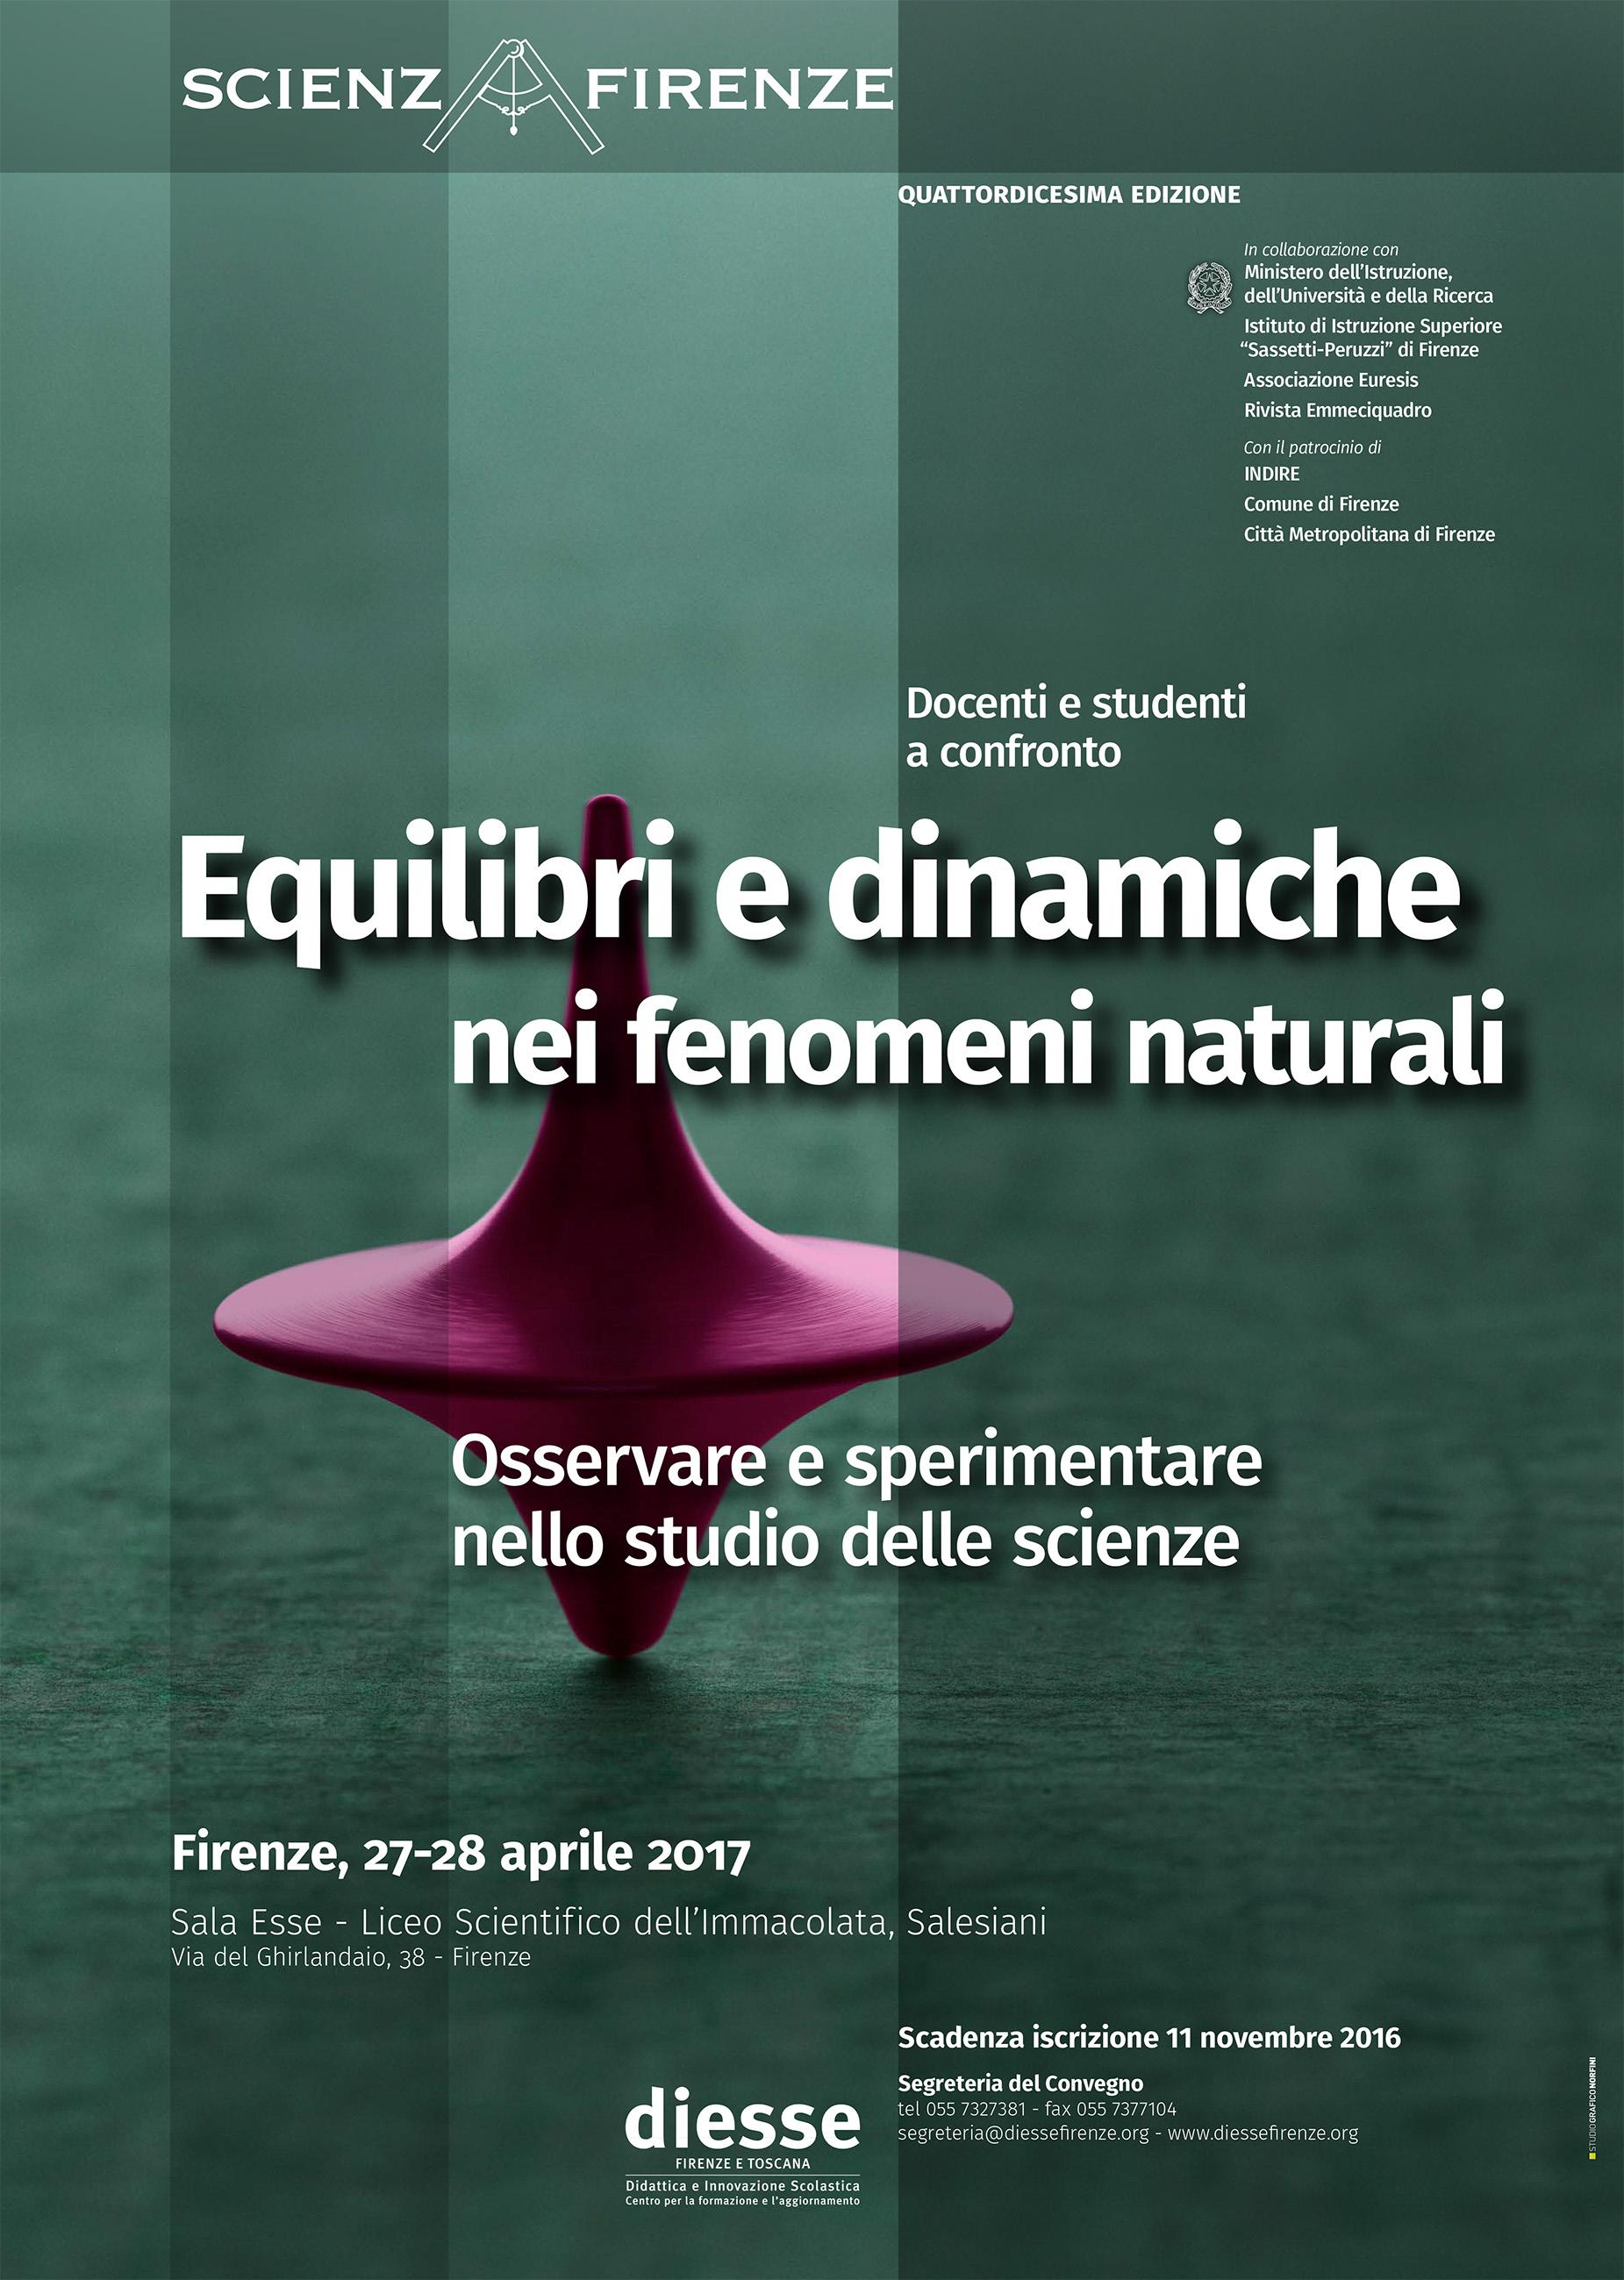 NotizieScuola.it - ScienzAfirenze